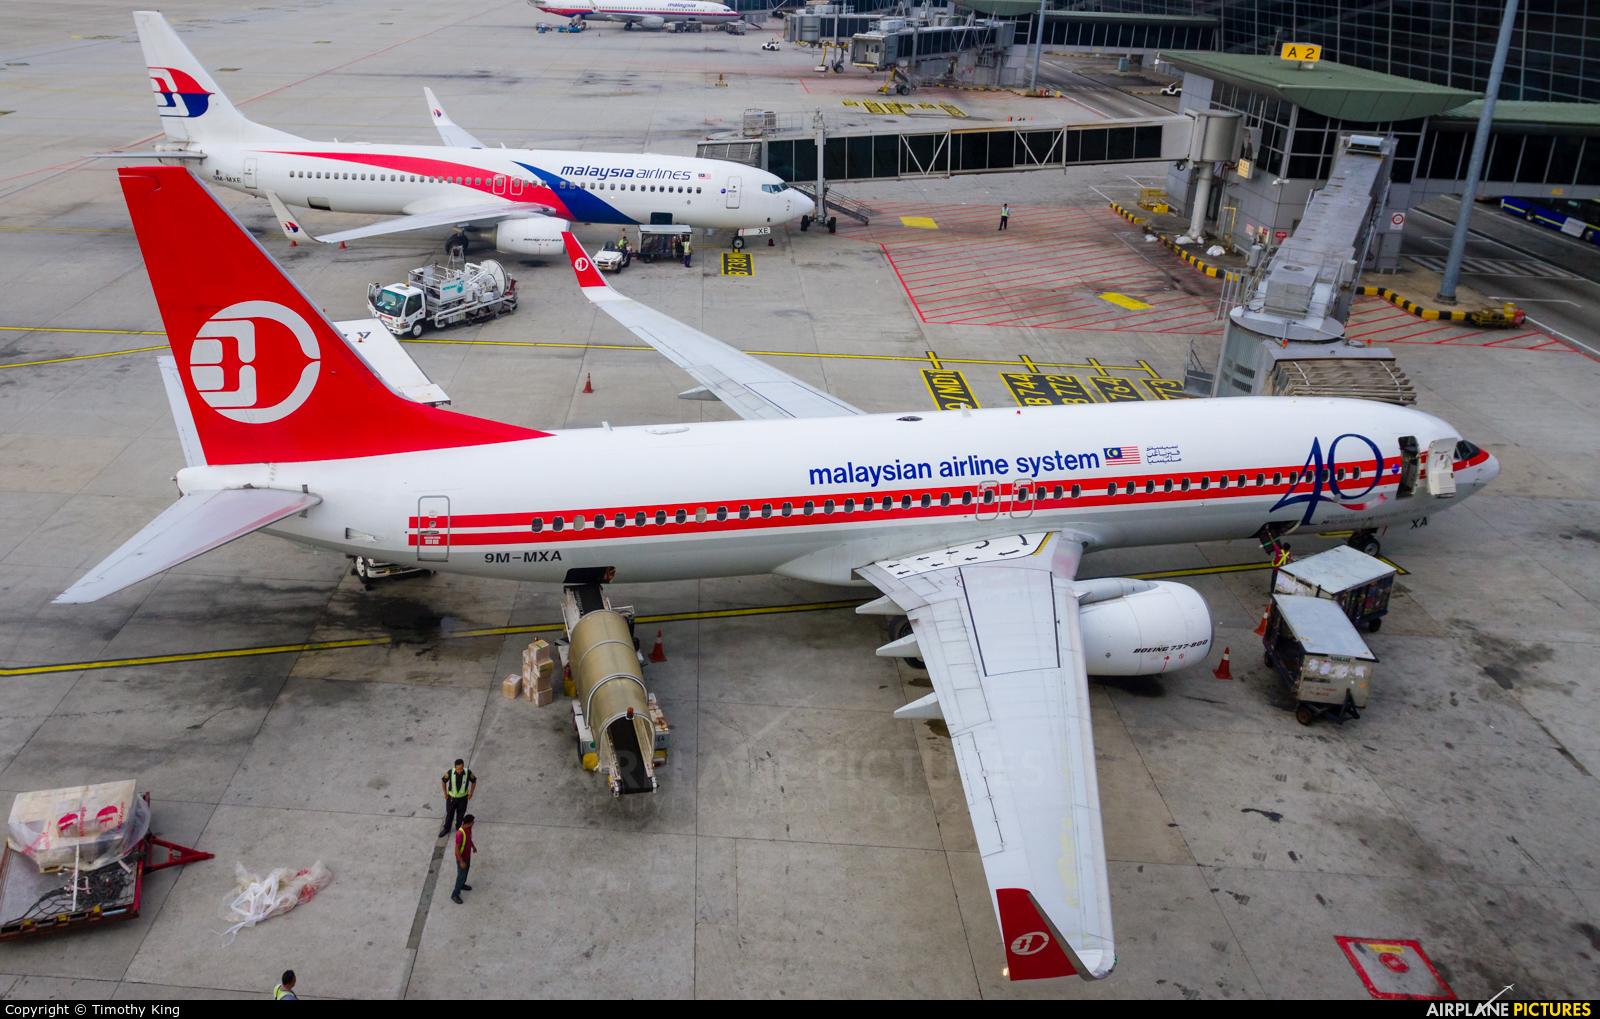 Malaysia Airlines 9M-MXA aircraft at Kuala Lumpur Intl